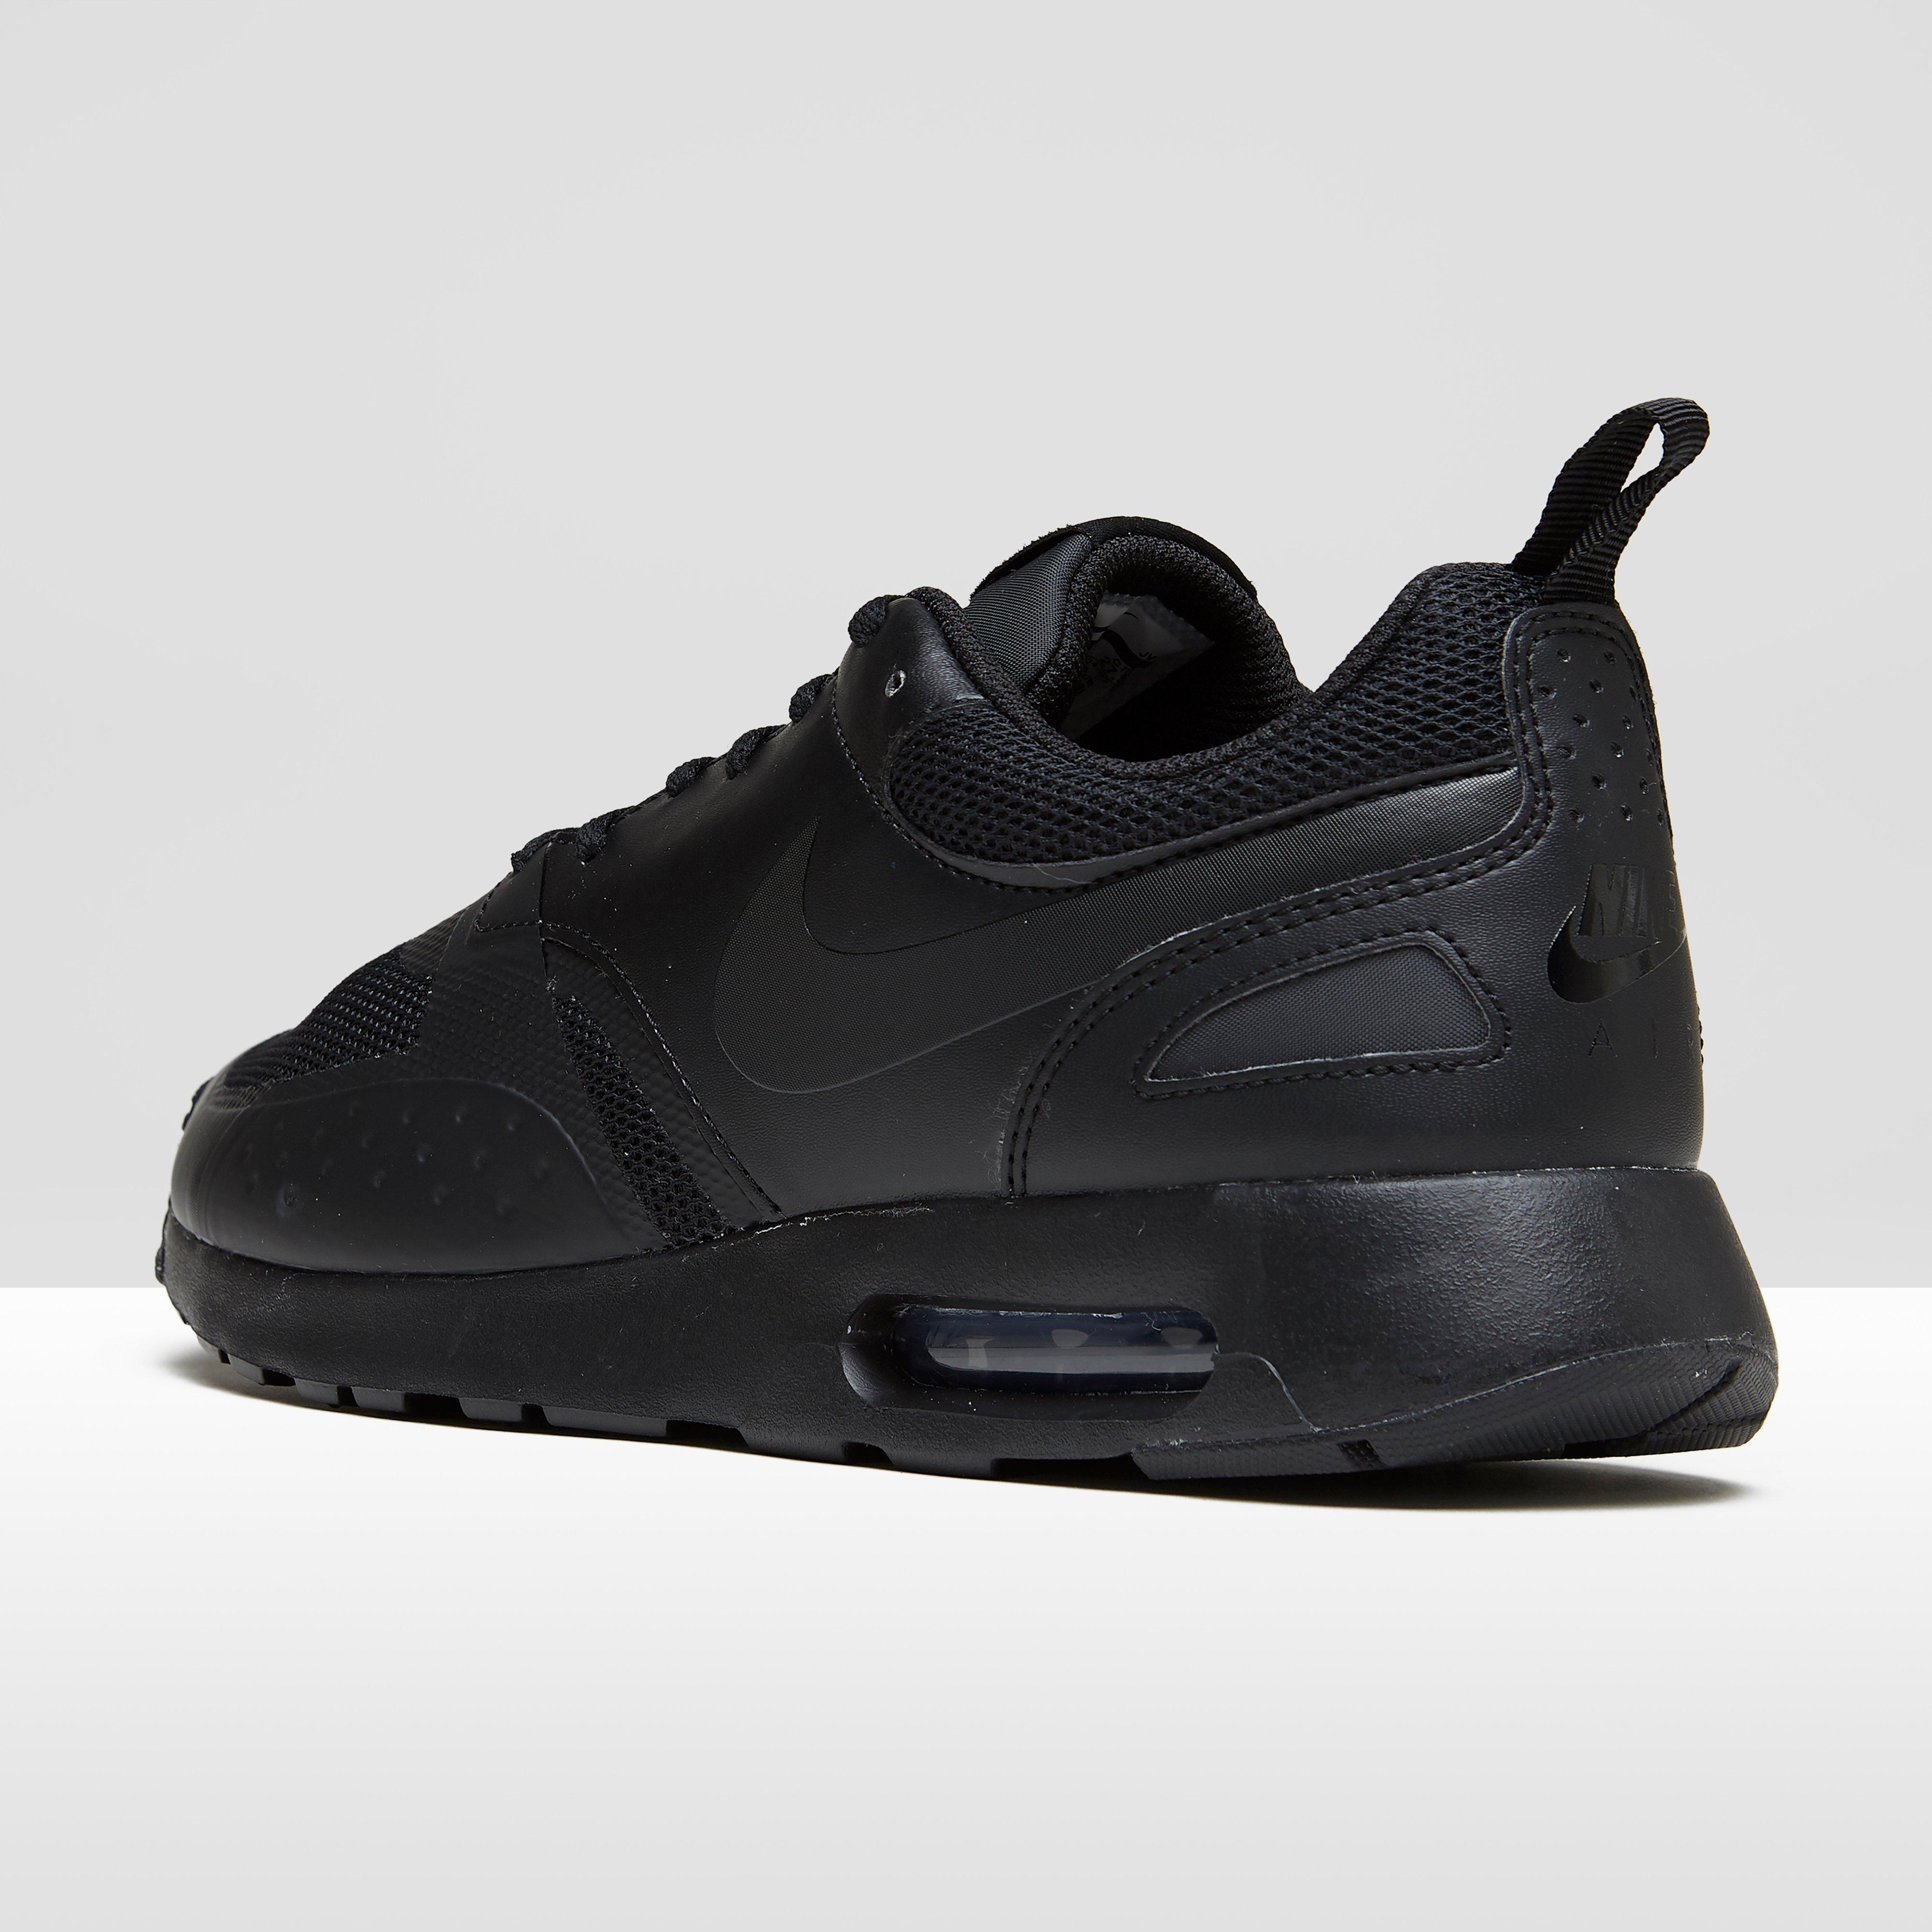 Visions Noires Chaussures Pour Les Hommes IxEWv